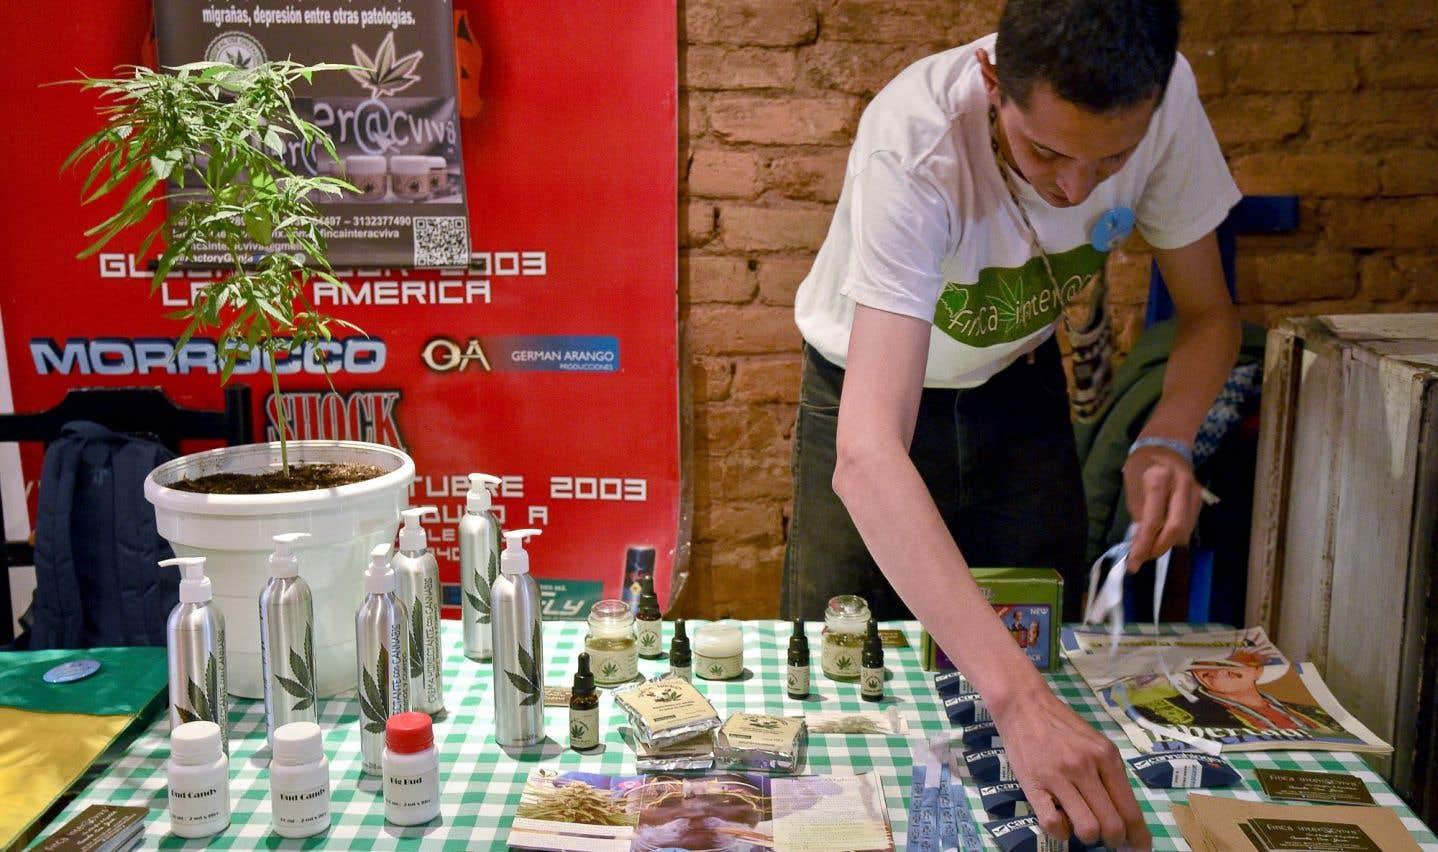 L'Uruguay a été le fer de lance de la légalisation de la marijuana en Amérique latine. Il fait partie des pays, comme la Colombie, le Pérou, le Chili, le Brésil, l'Argentine et le Mexique, qui ont décriminalisé les drogues, à divers degrés, entre 1988 et 2009.